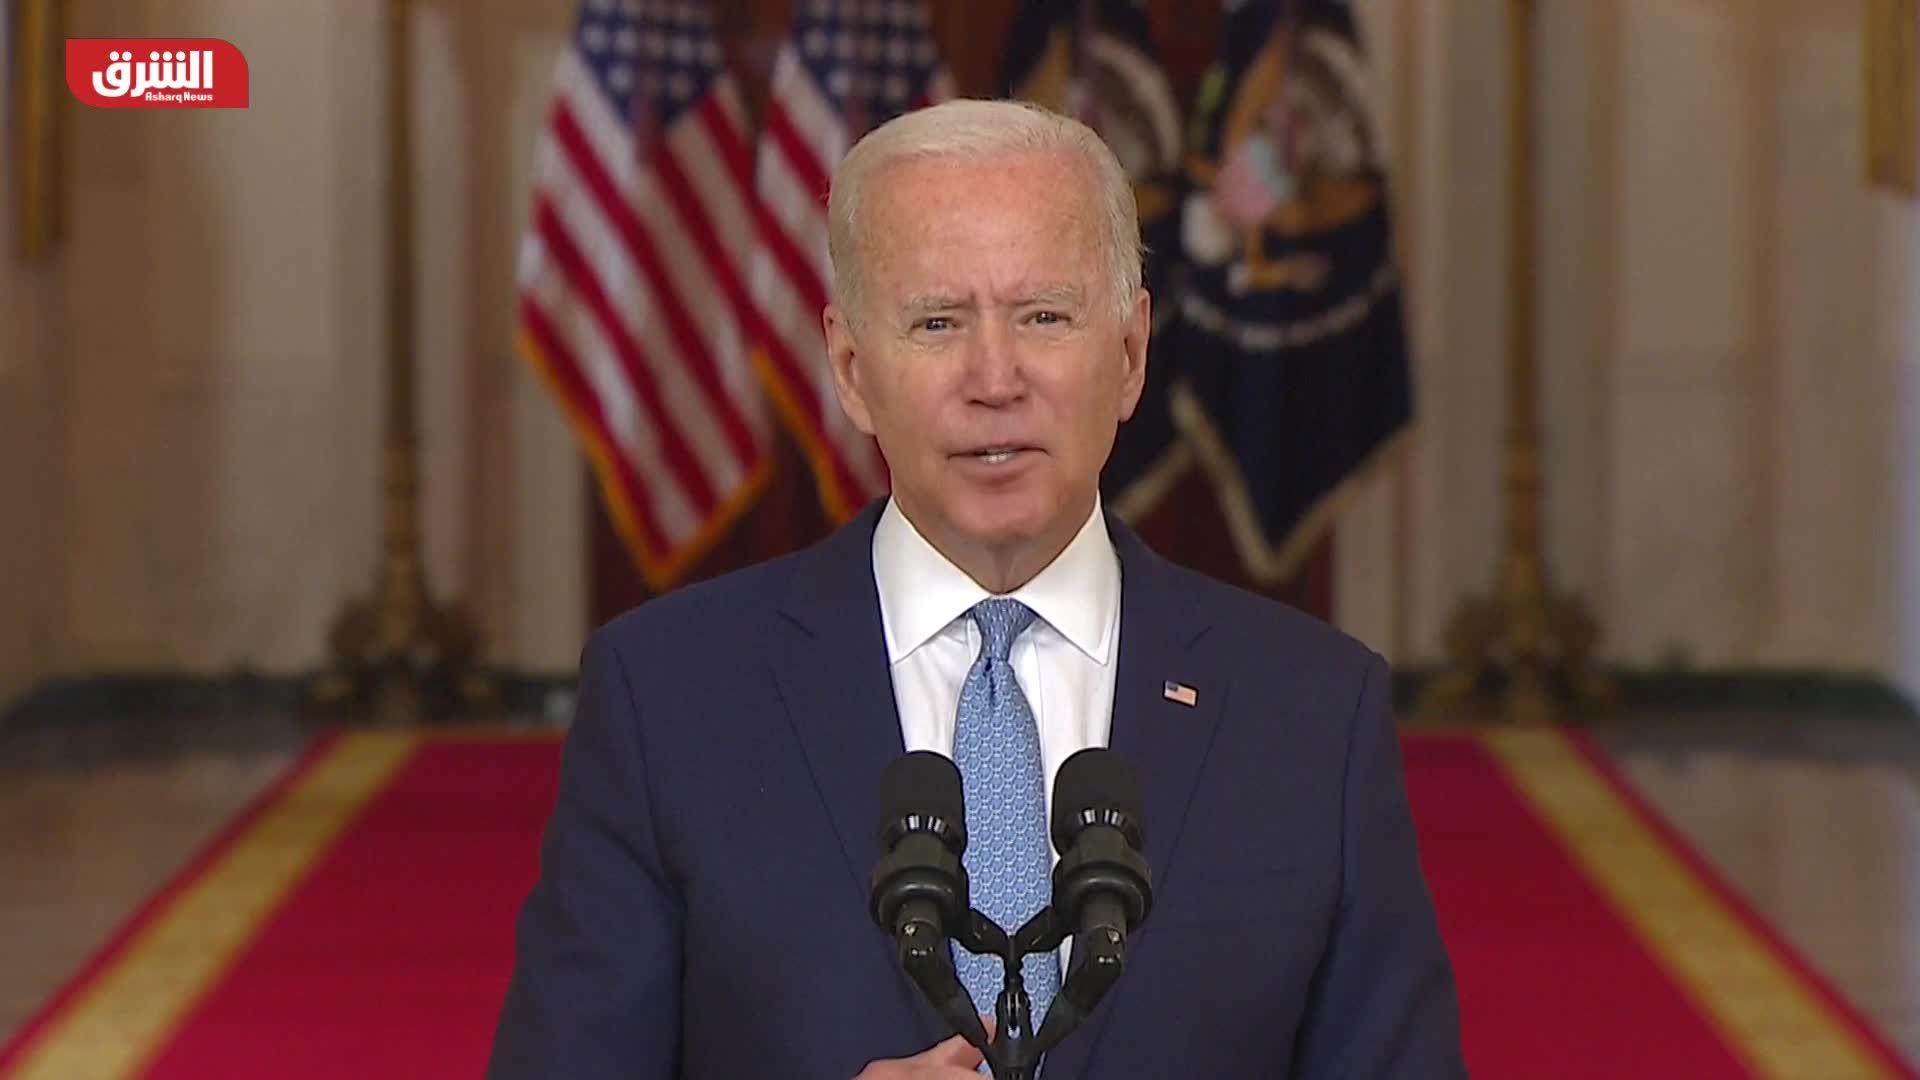 كلمة الرئيس الأميركي بشأن الانسحاب من أفغانستان